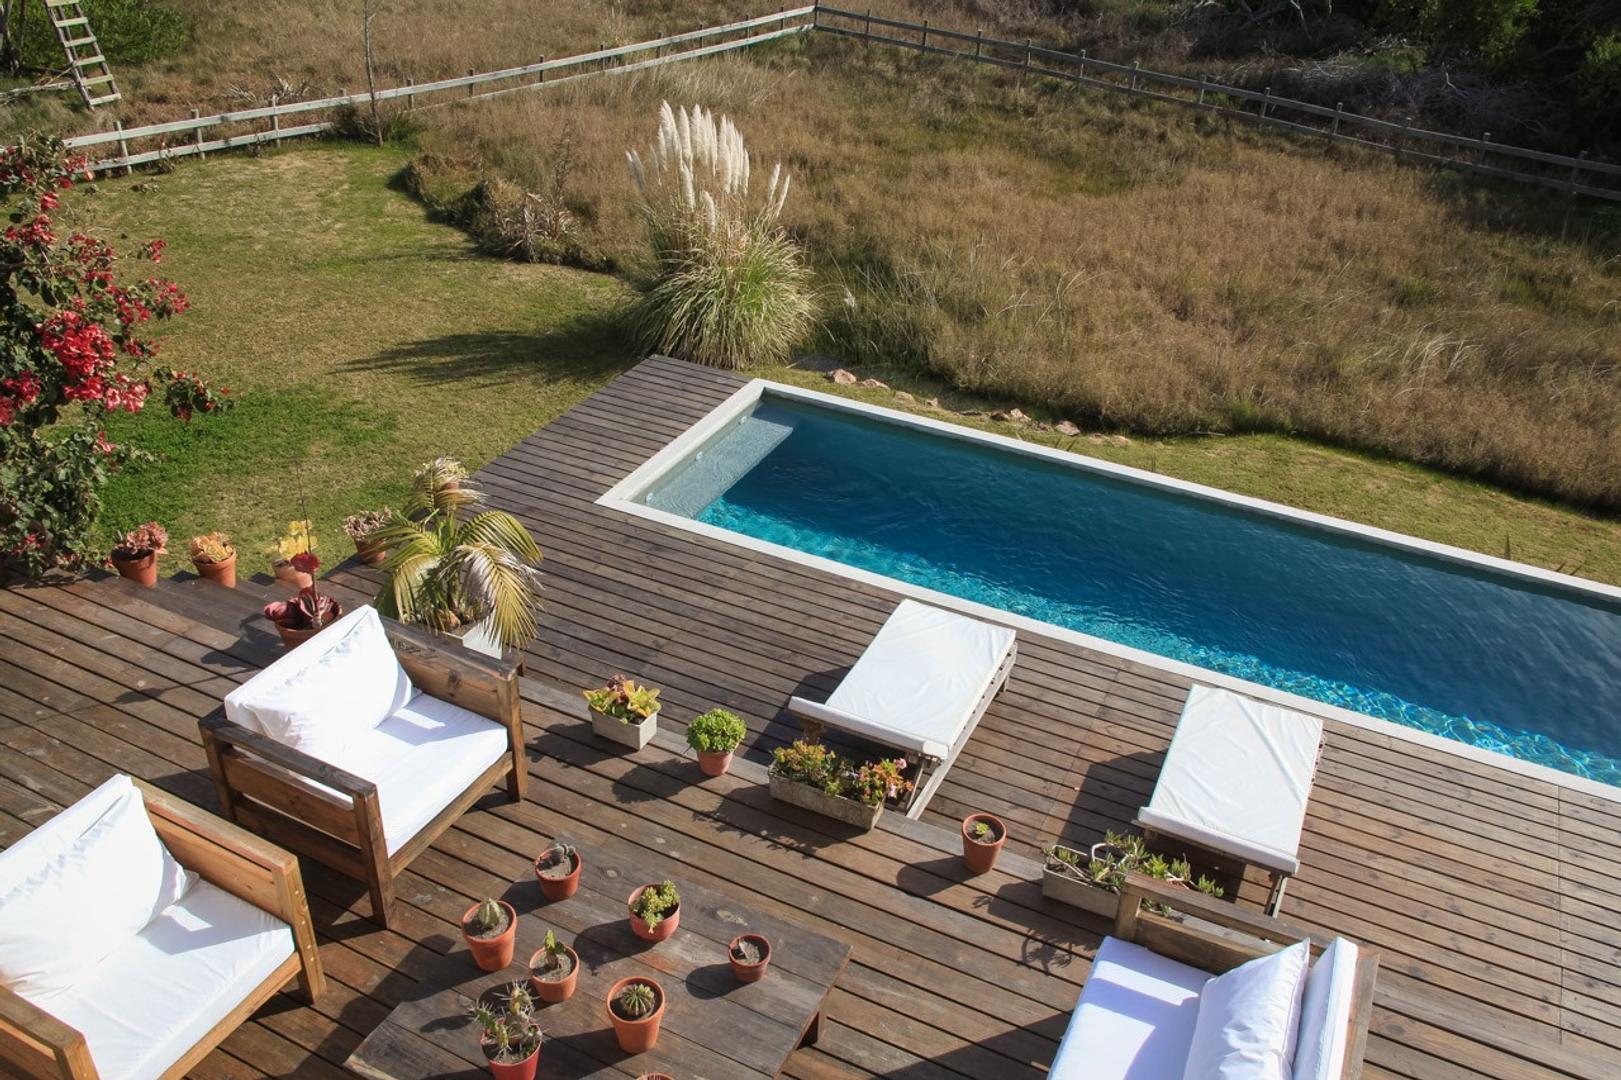 (LIJ-LIJ-183) Casa - Alquiler temporario - Uruguay, Maldonado - Foto 24